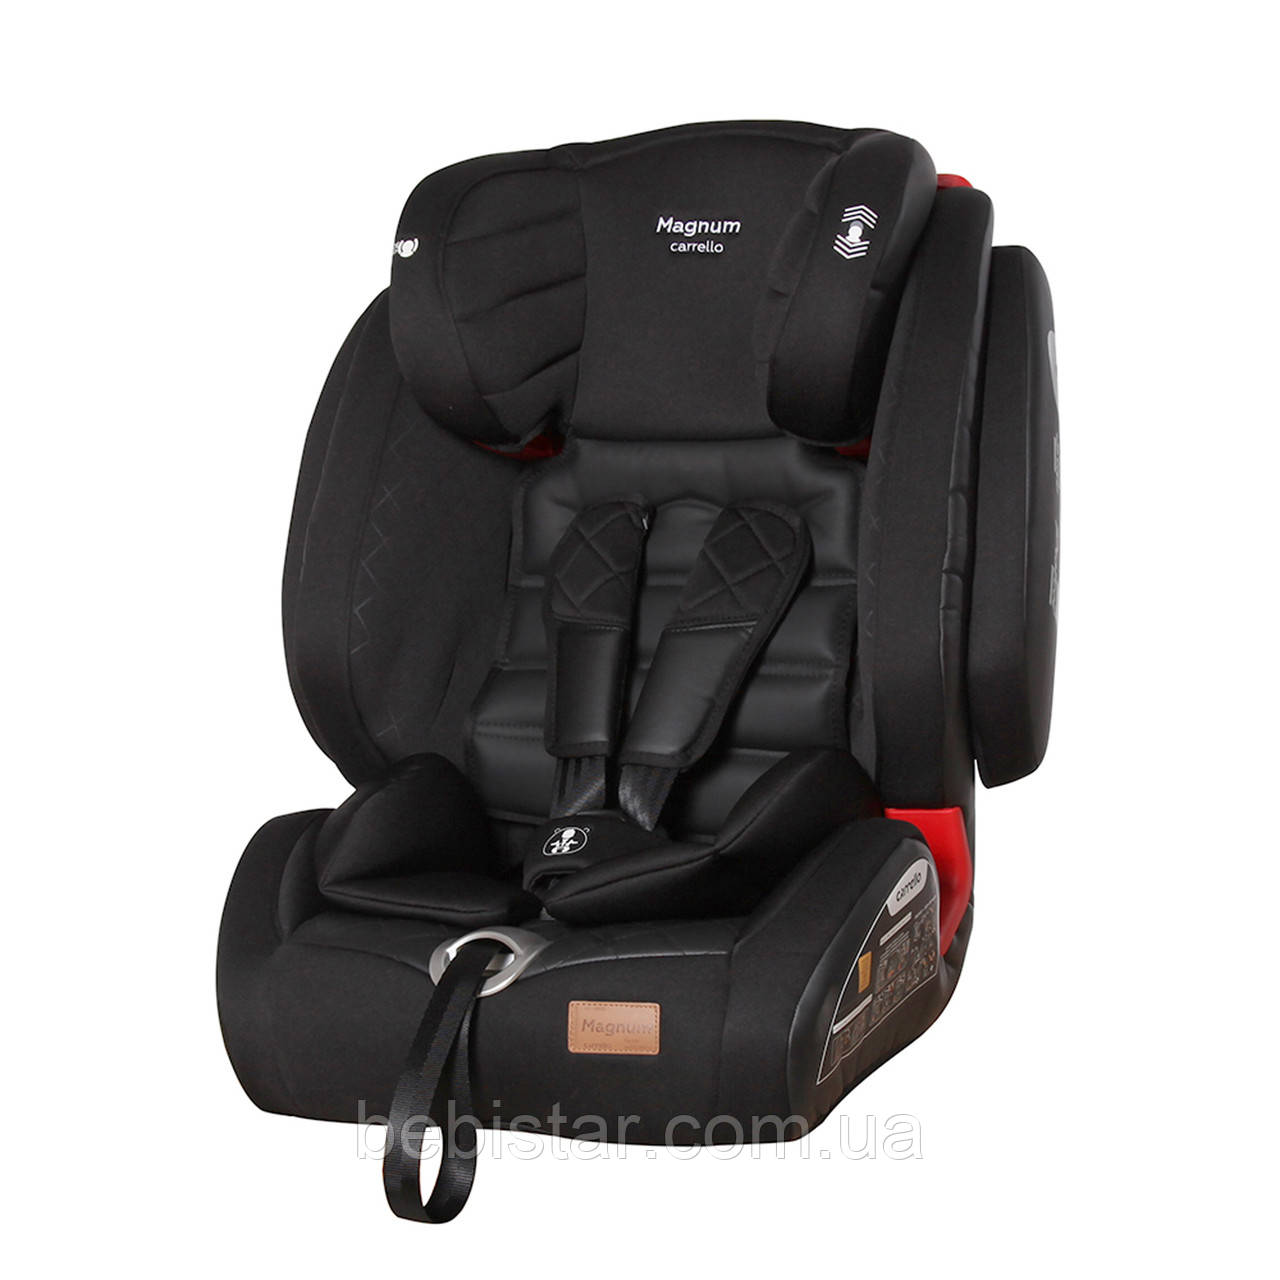 Детское автокресло черное с системой Isofix CARRELLO Magnum CRL-9802 Black Panther детям с рождения до 12 лет